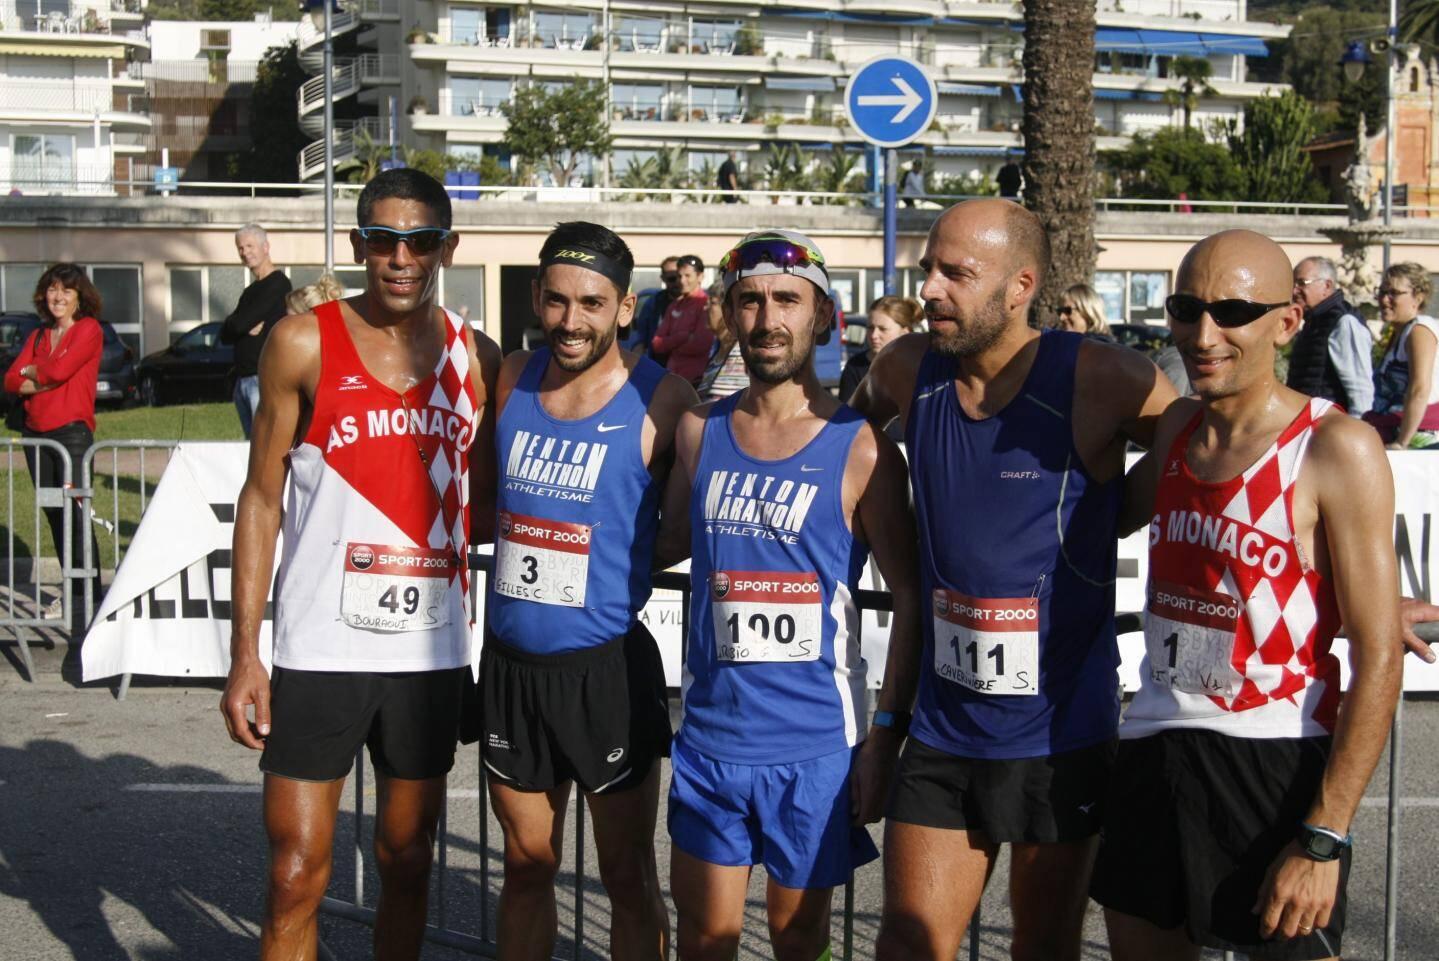 Les 5 premiers de cette 36e édition (de gauche à droite) : Smaile Bouraoui, Cédric Gilles, Gilles Rubio, Anthony Caveriviere et Kais Adli.